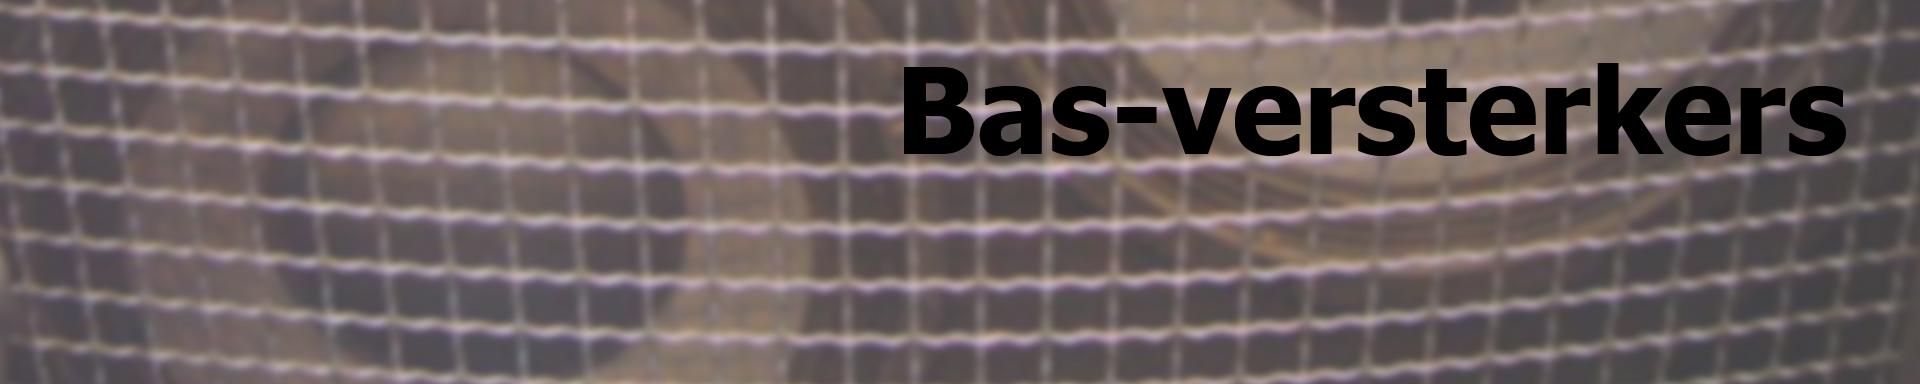 Bas-versterkers